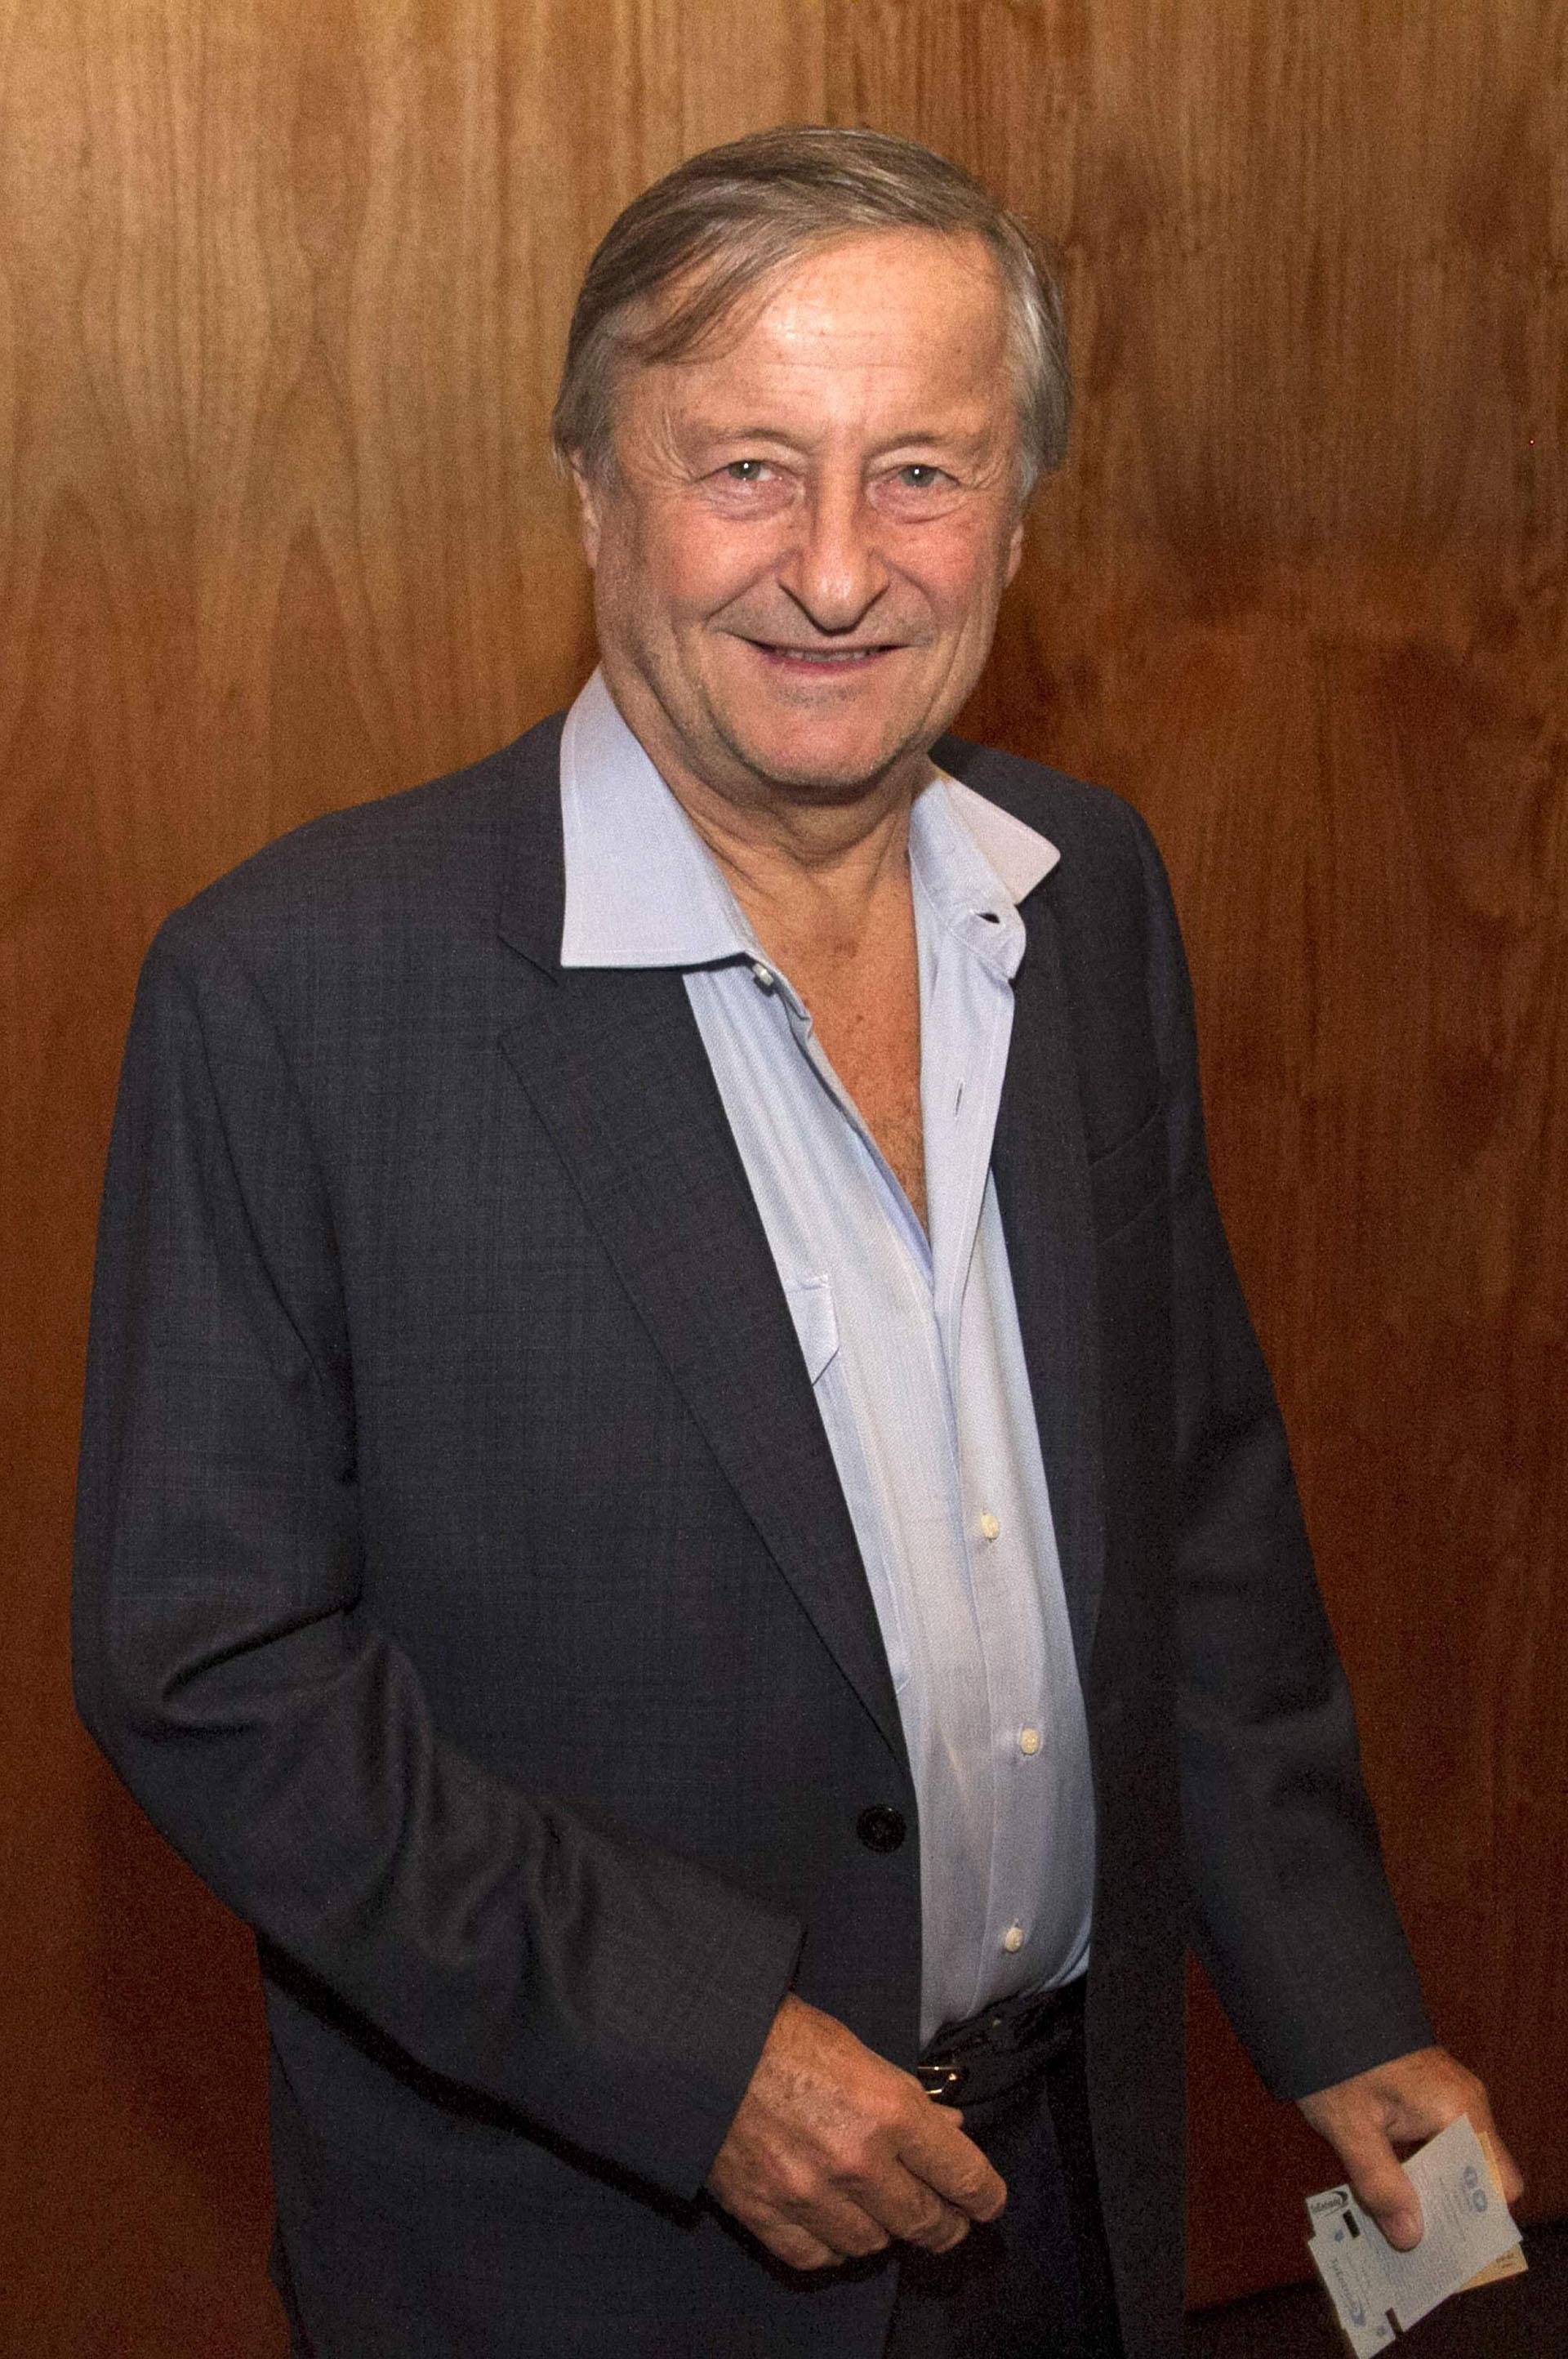 El presidente de Fiat Argentina, Cristiano Rattazzi